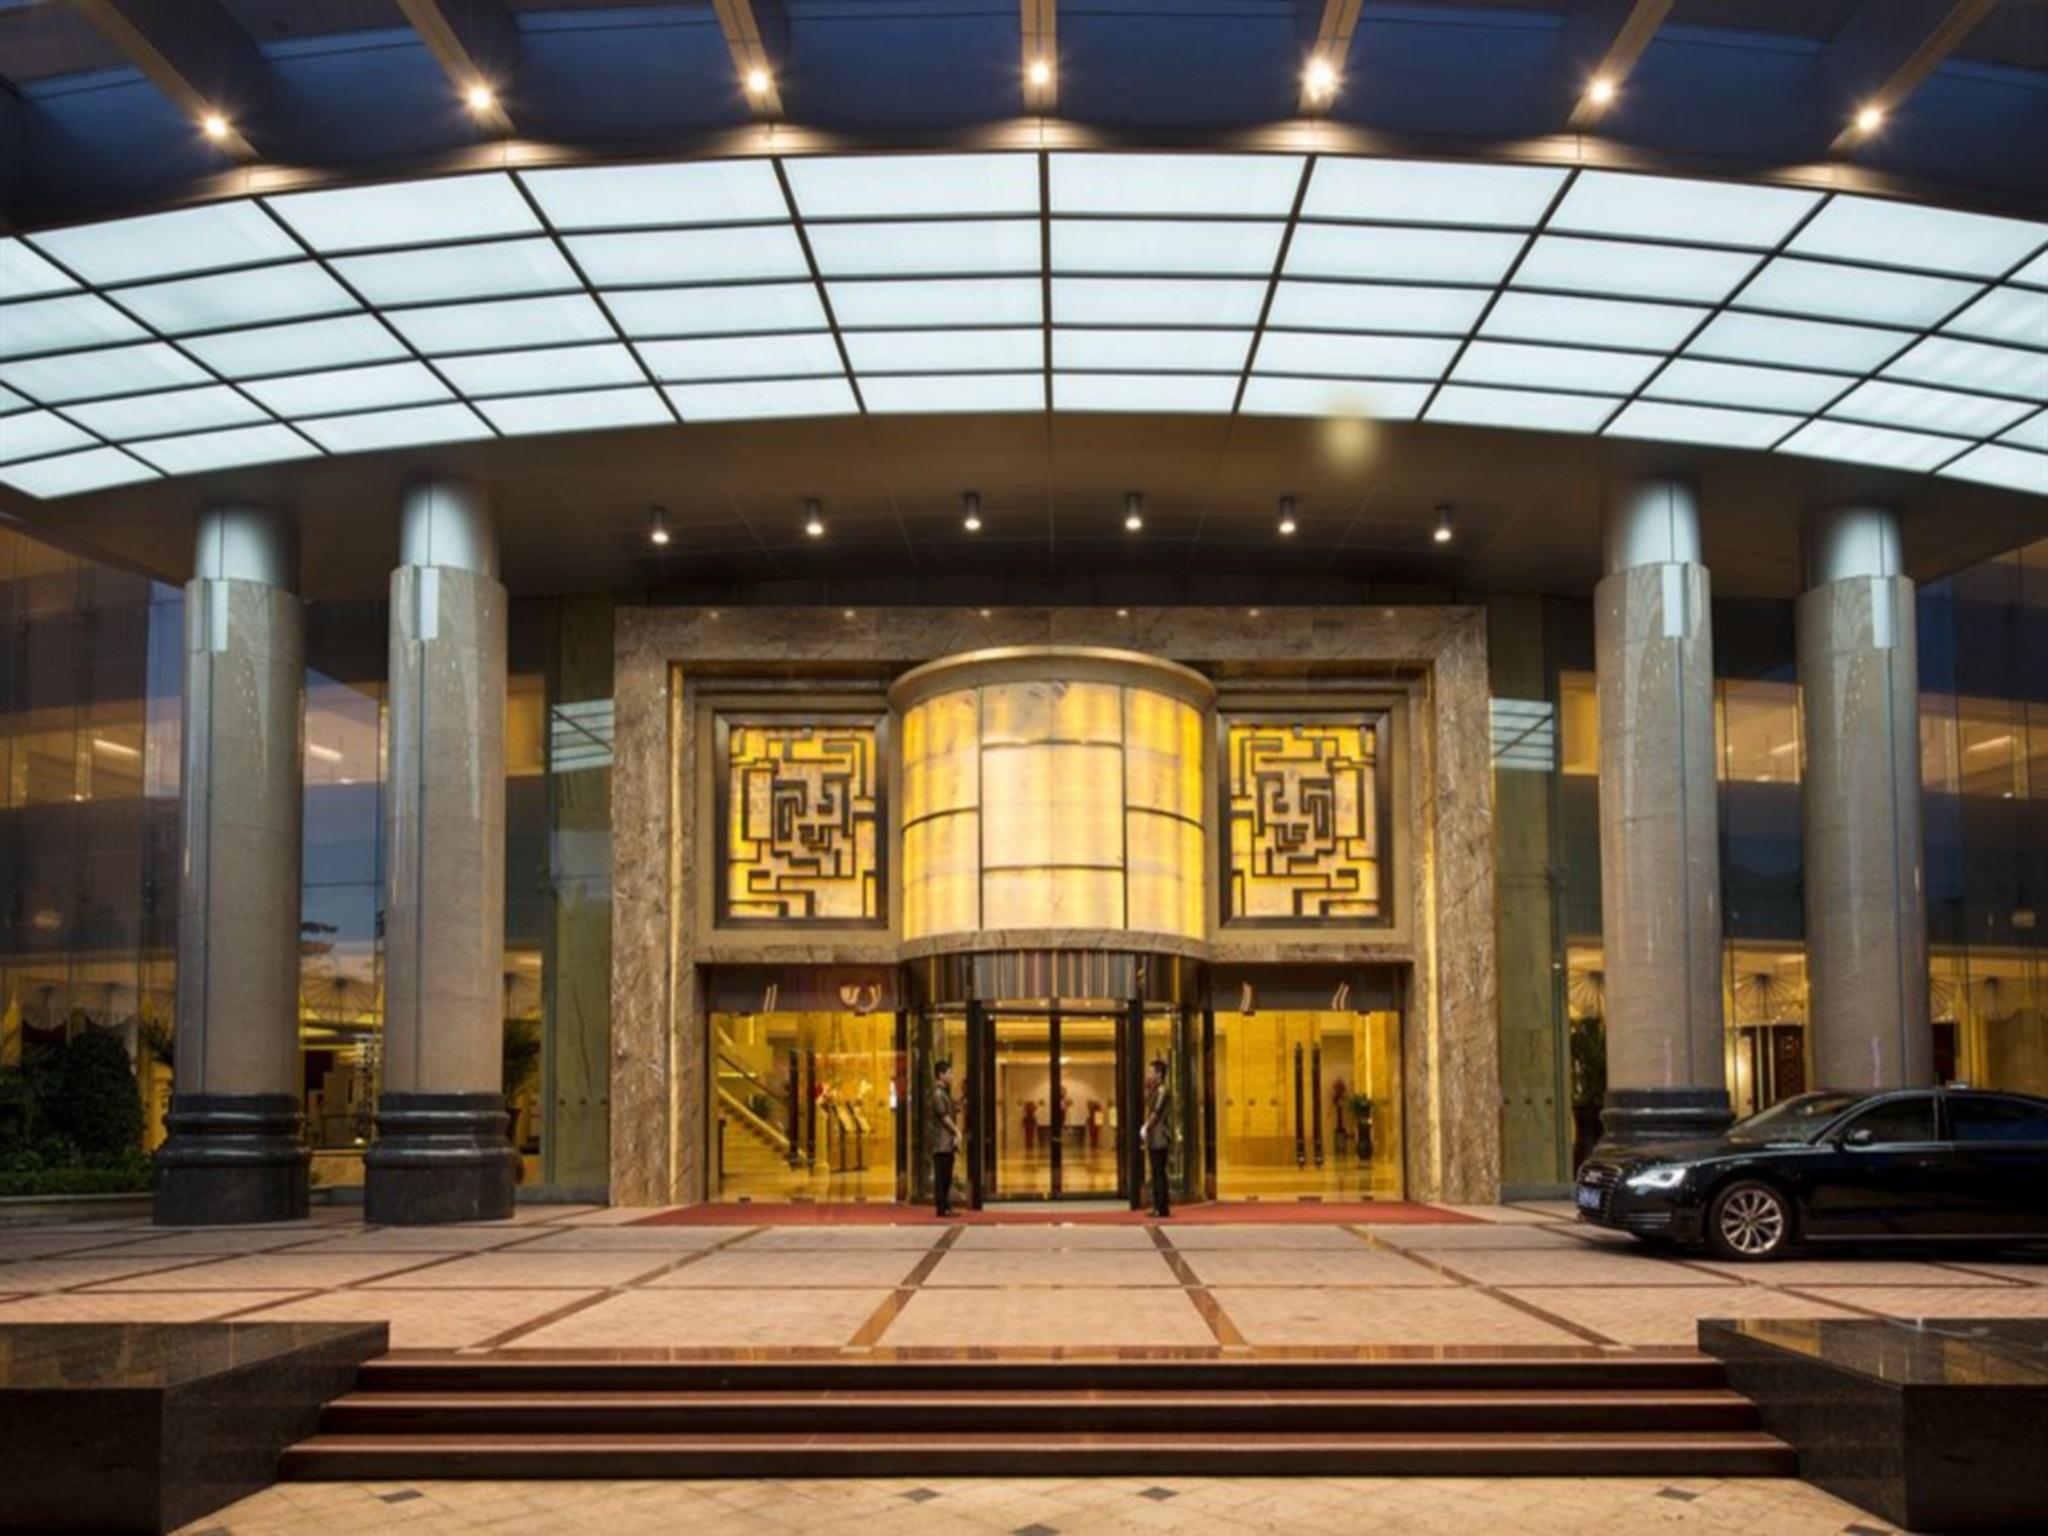 7 Days Inn Guangzhou Fang Cun Branch Canton Fair Hotels